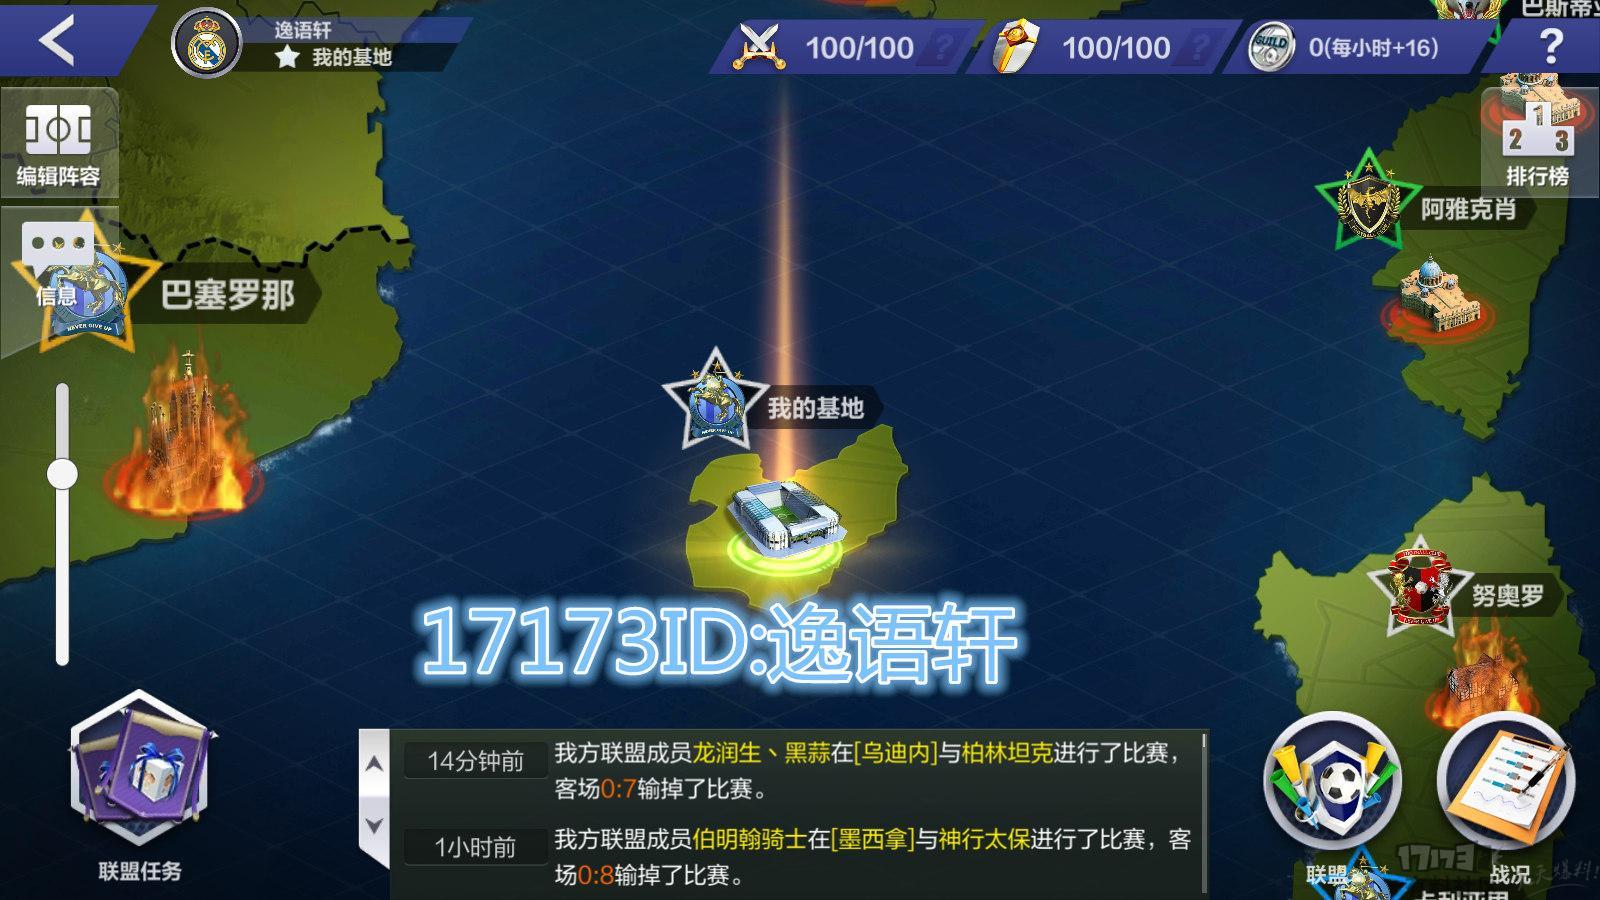 Screenshot_2018-11-02-21-26-07_副本.jpg